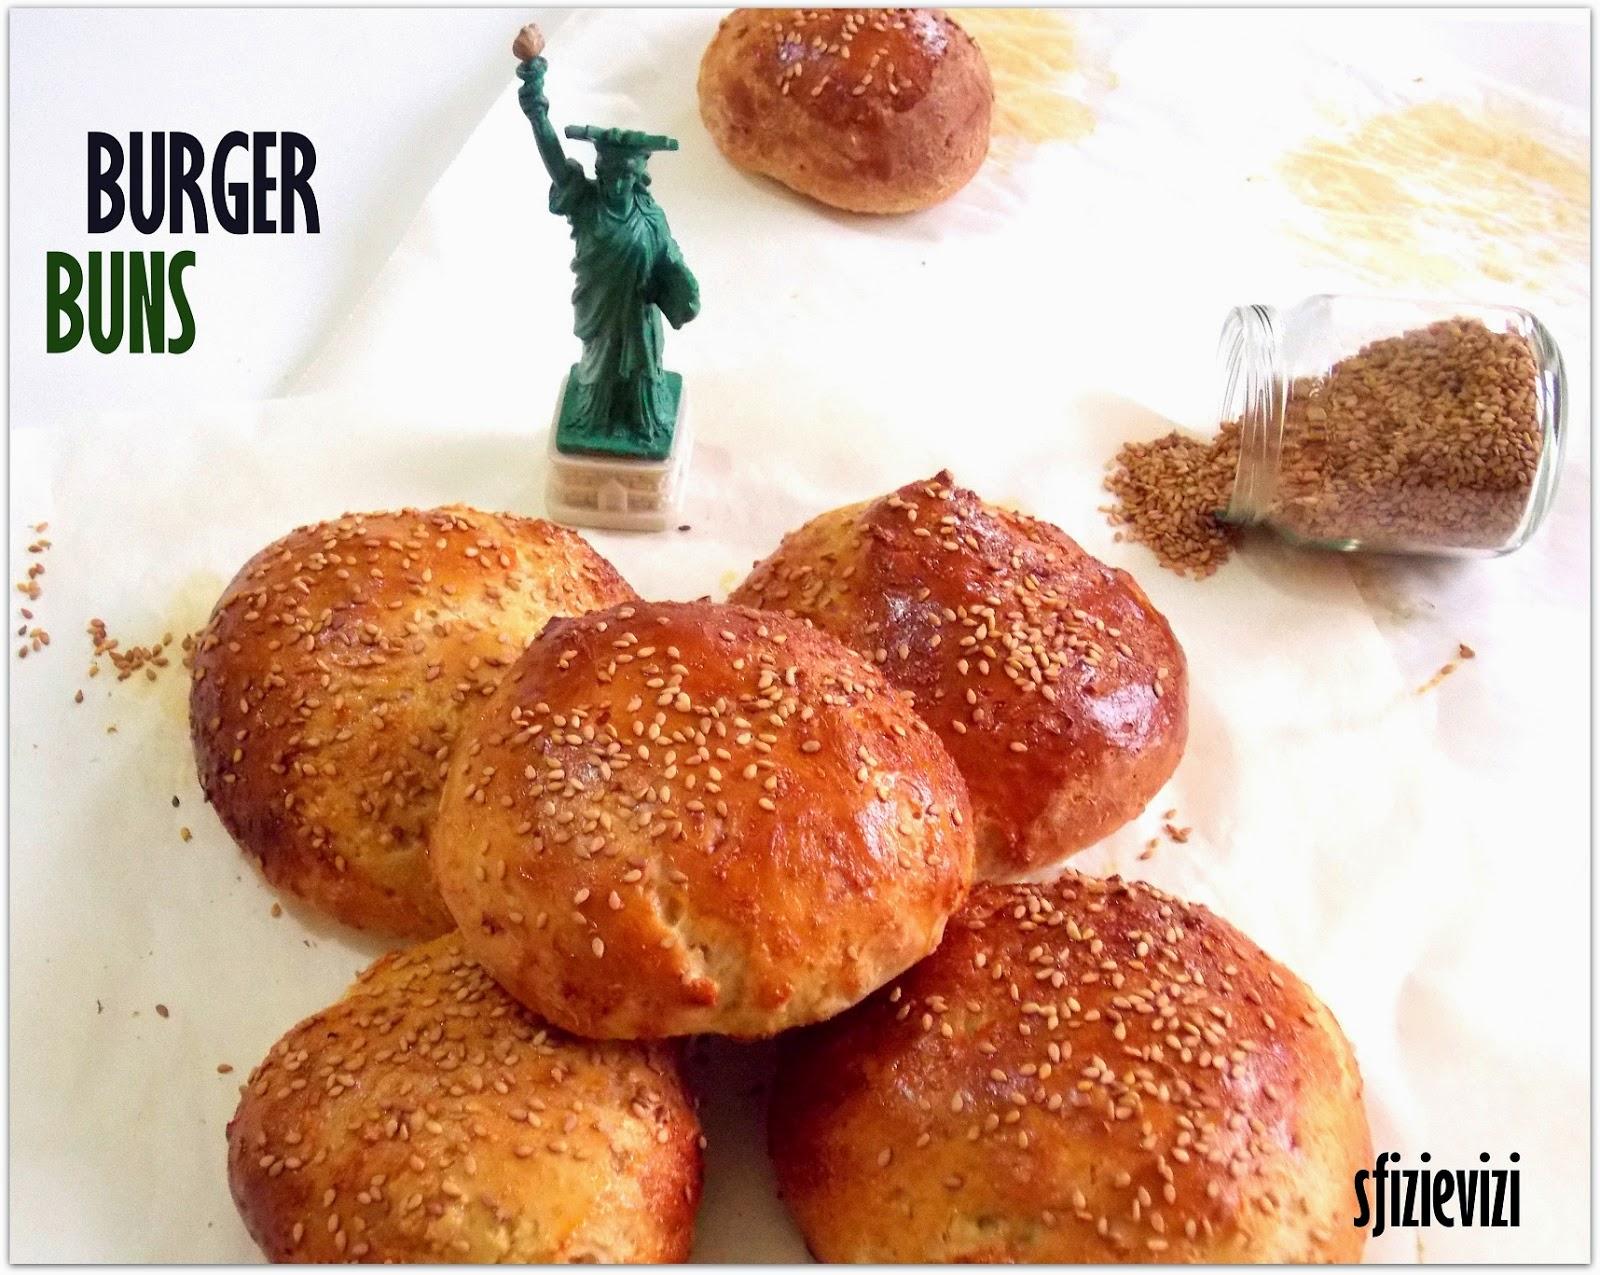 burger buns- panini americani per hamburger senza latticini - la via dei sapori usa -